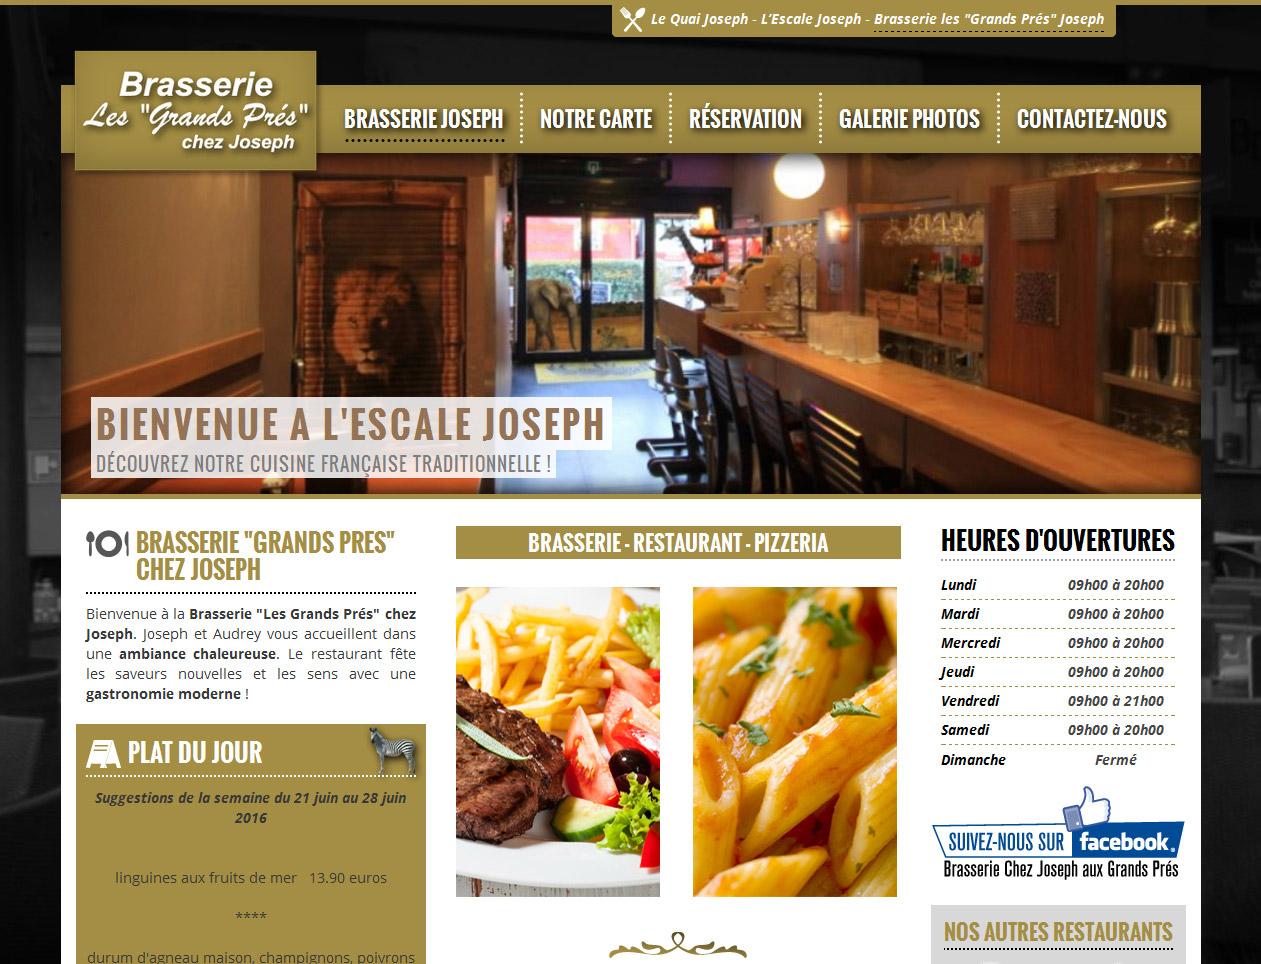 Brasserie chez Joseph aux Grands Prés